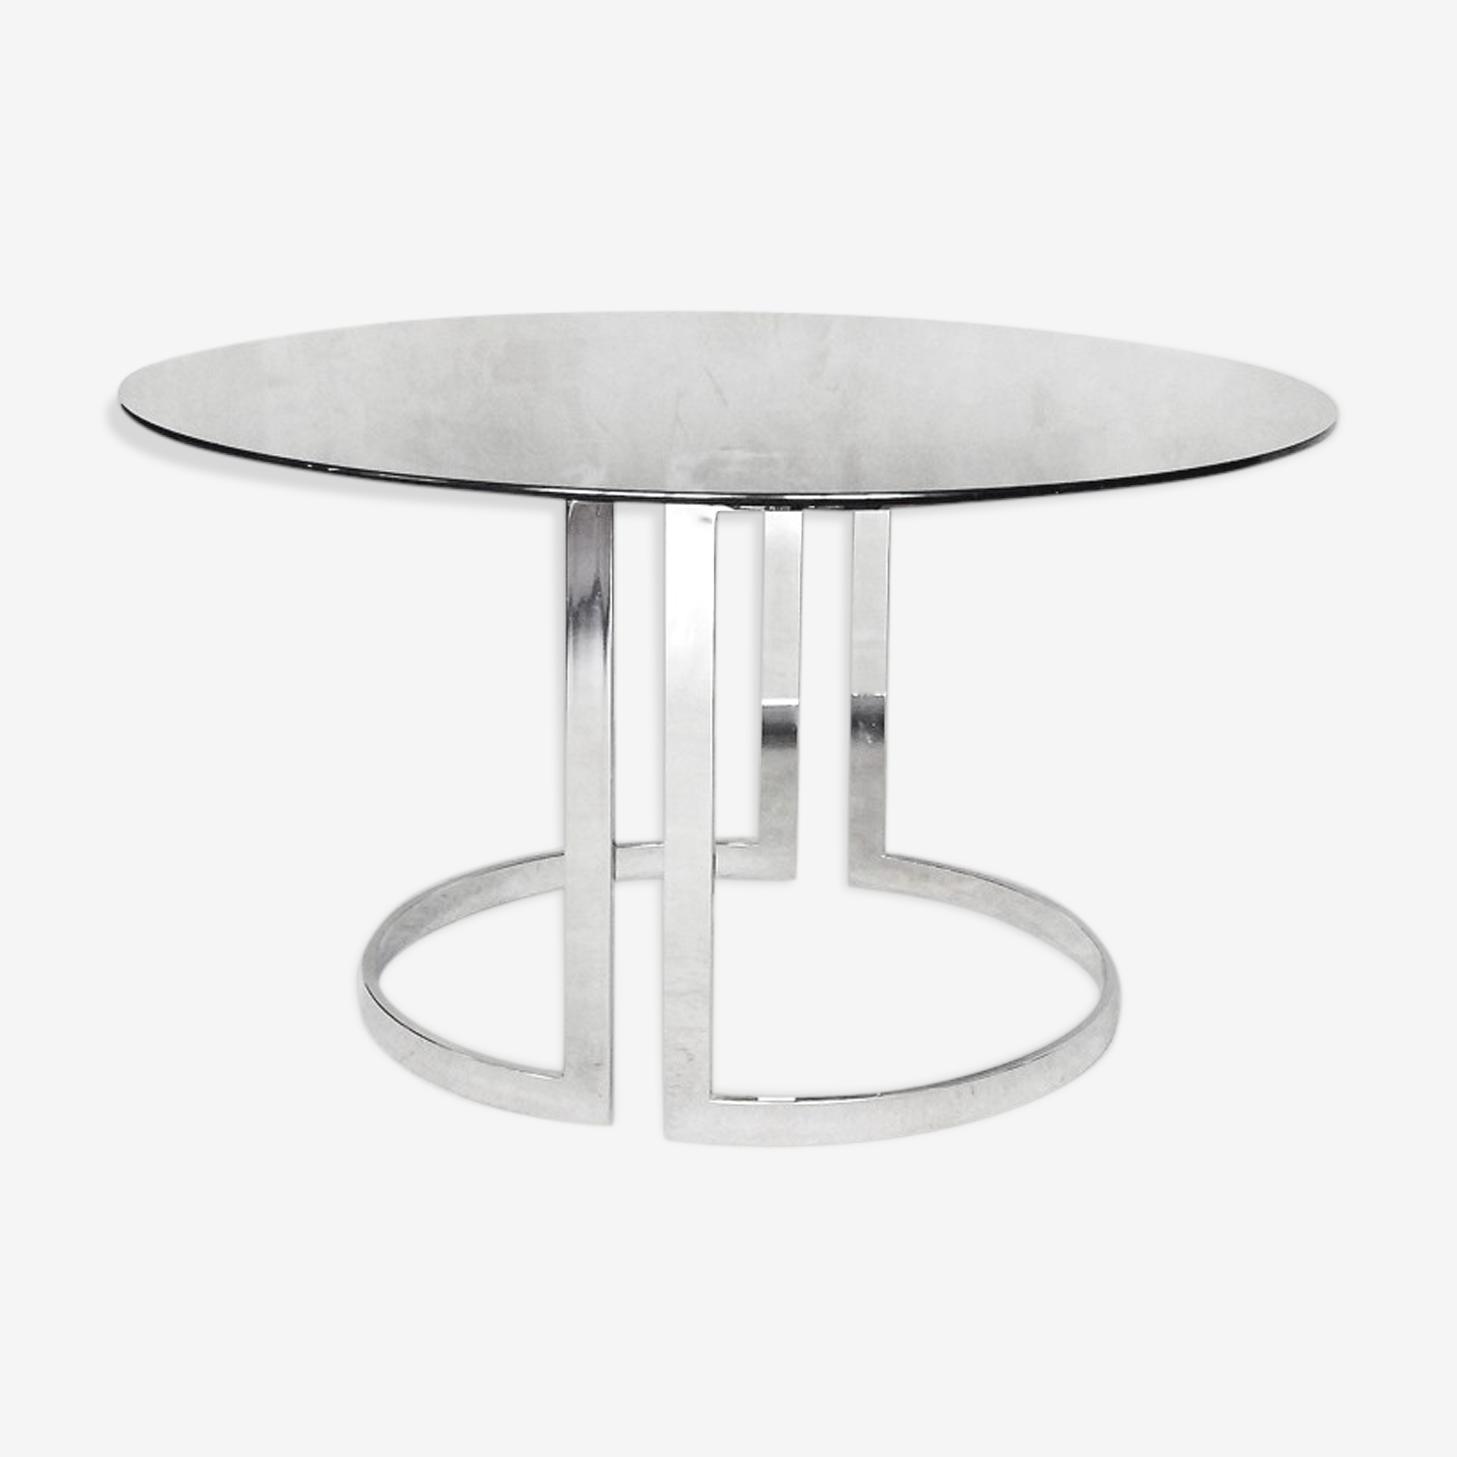 Table de salle à manger ronde en verre par Milo Baughman 1970